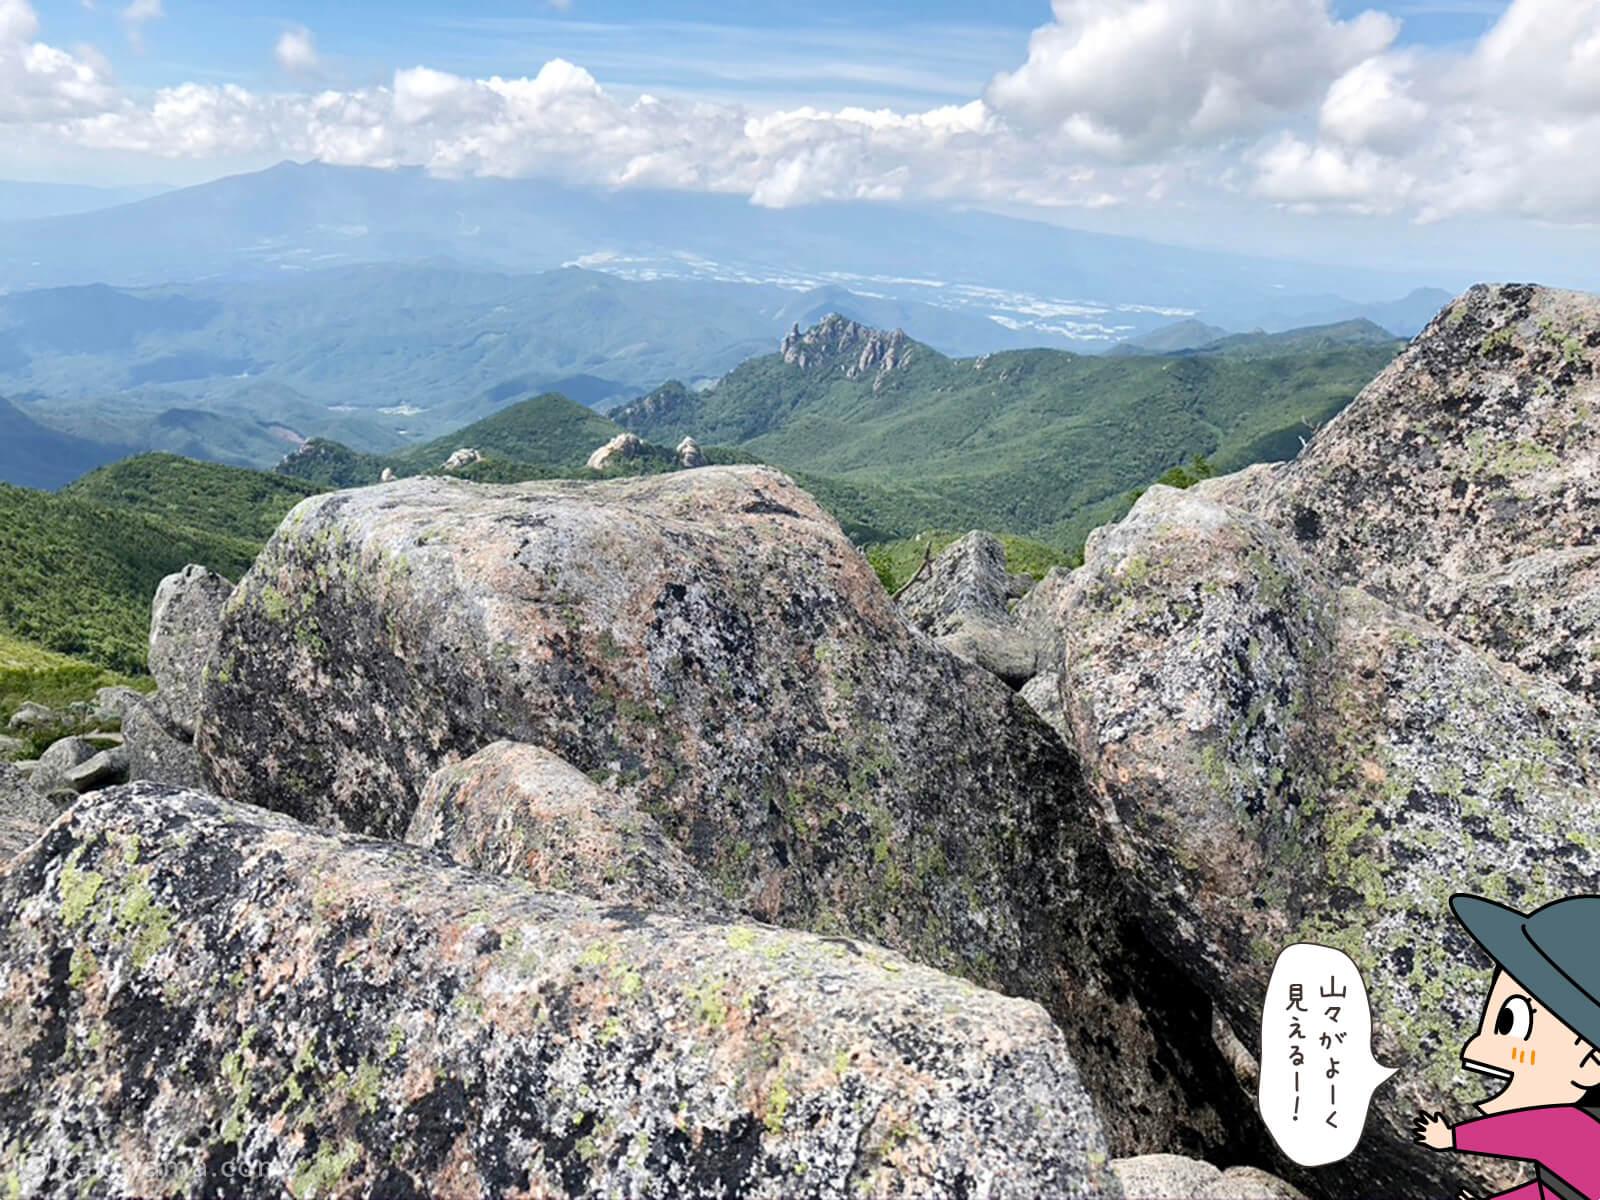 金峰山山頂からも瑞牆山が見える